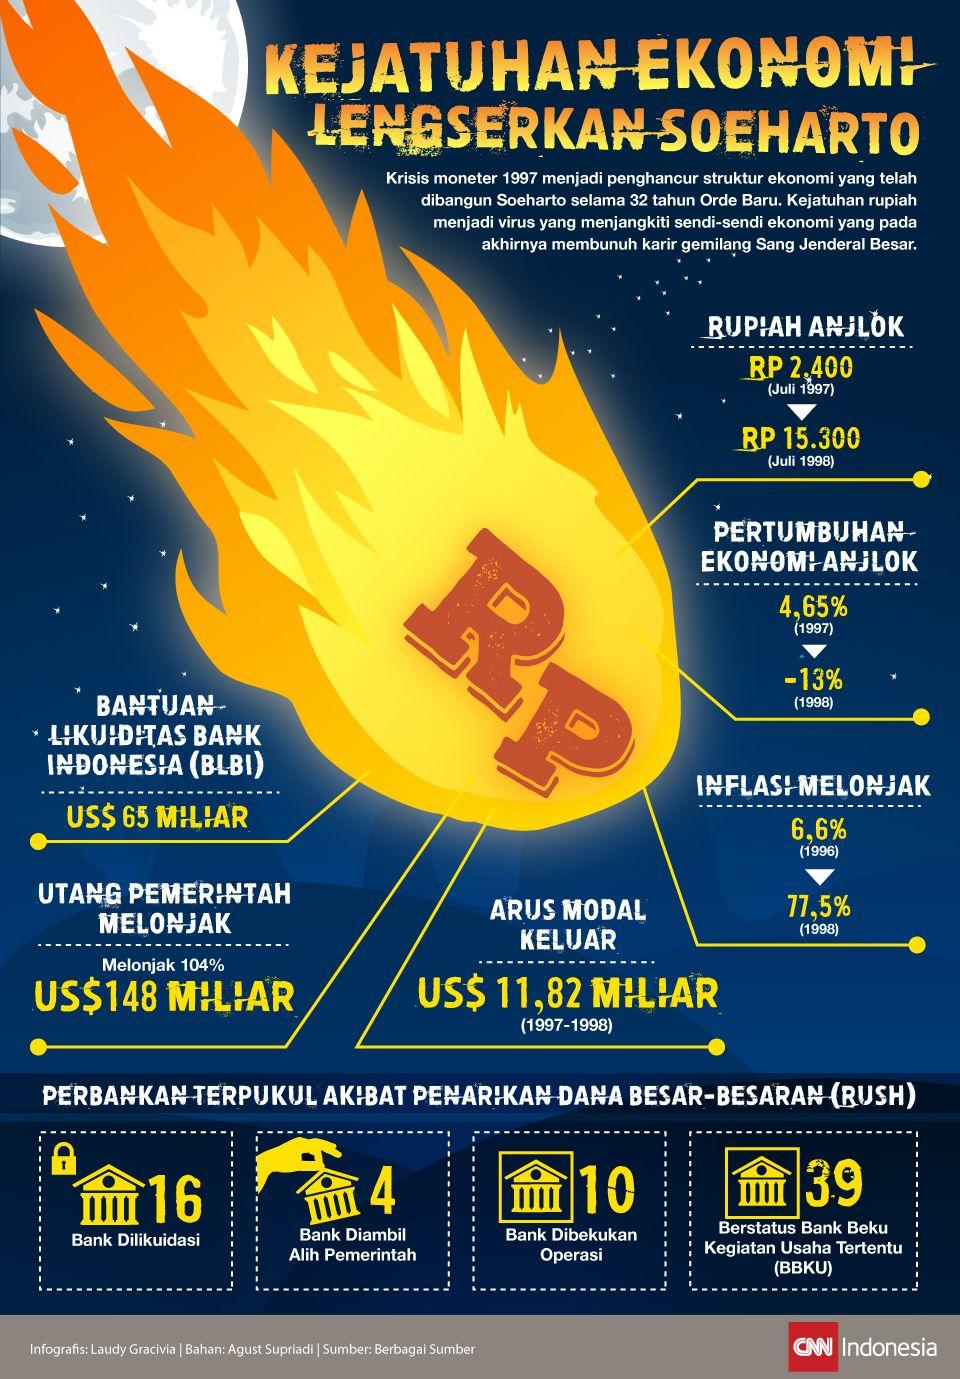 Infografis Kejatuhan Ekonomi Lengserkan Soeharto